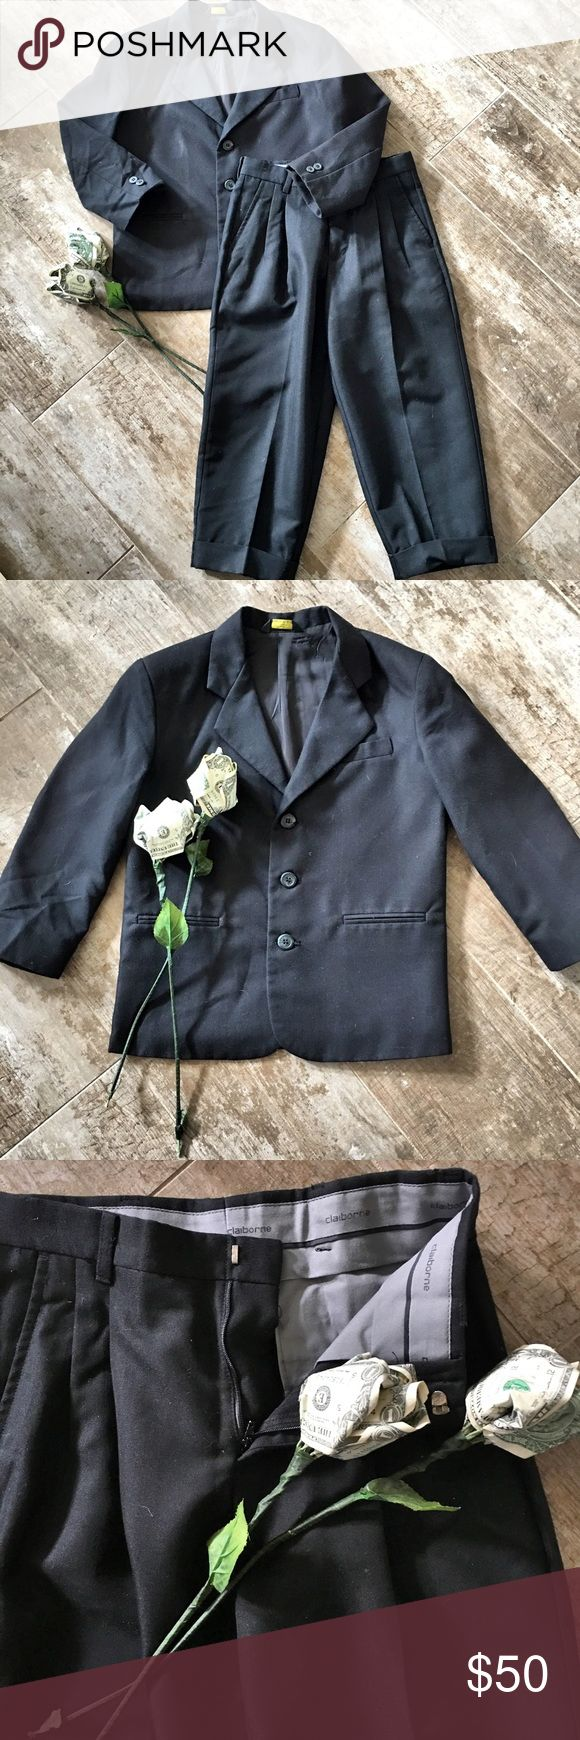 Liz Claiborne Boy's Black Dress Suit Liz Claiborne Boy's Black Dress Suit - Coat & Pleated Pants - Size 8 Regular - Excellent Condition - 80% Polyester - 20% Rayon Liz Claiborne Matching Sets